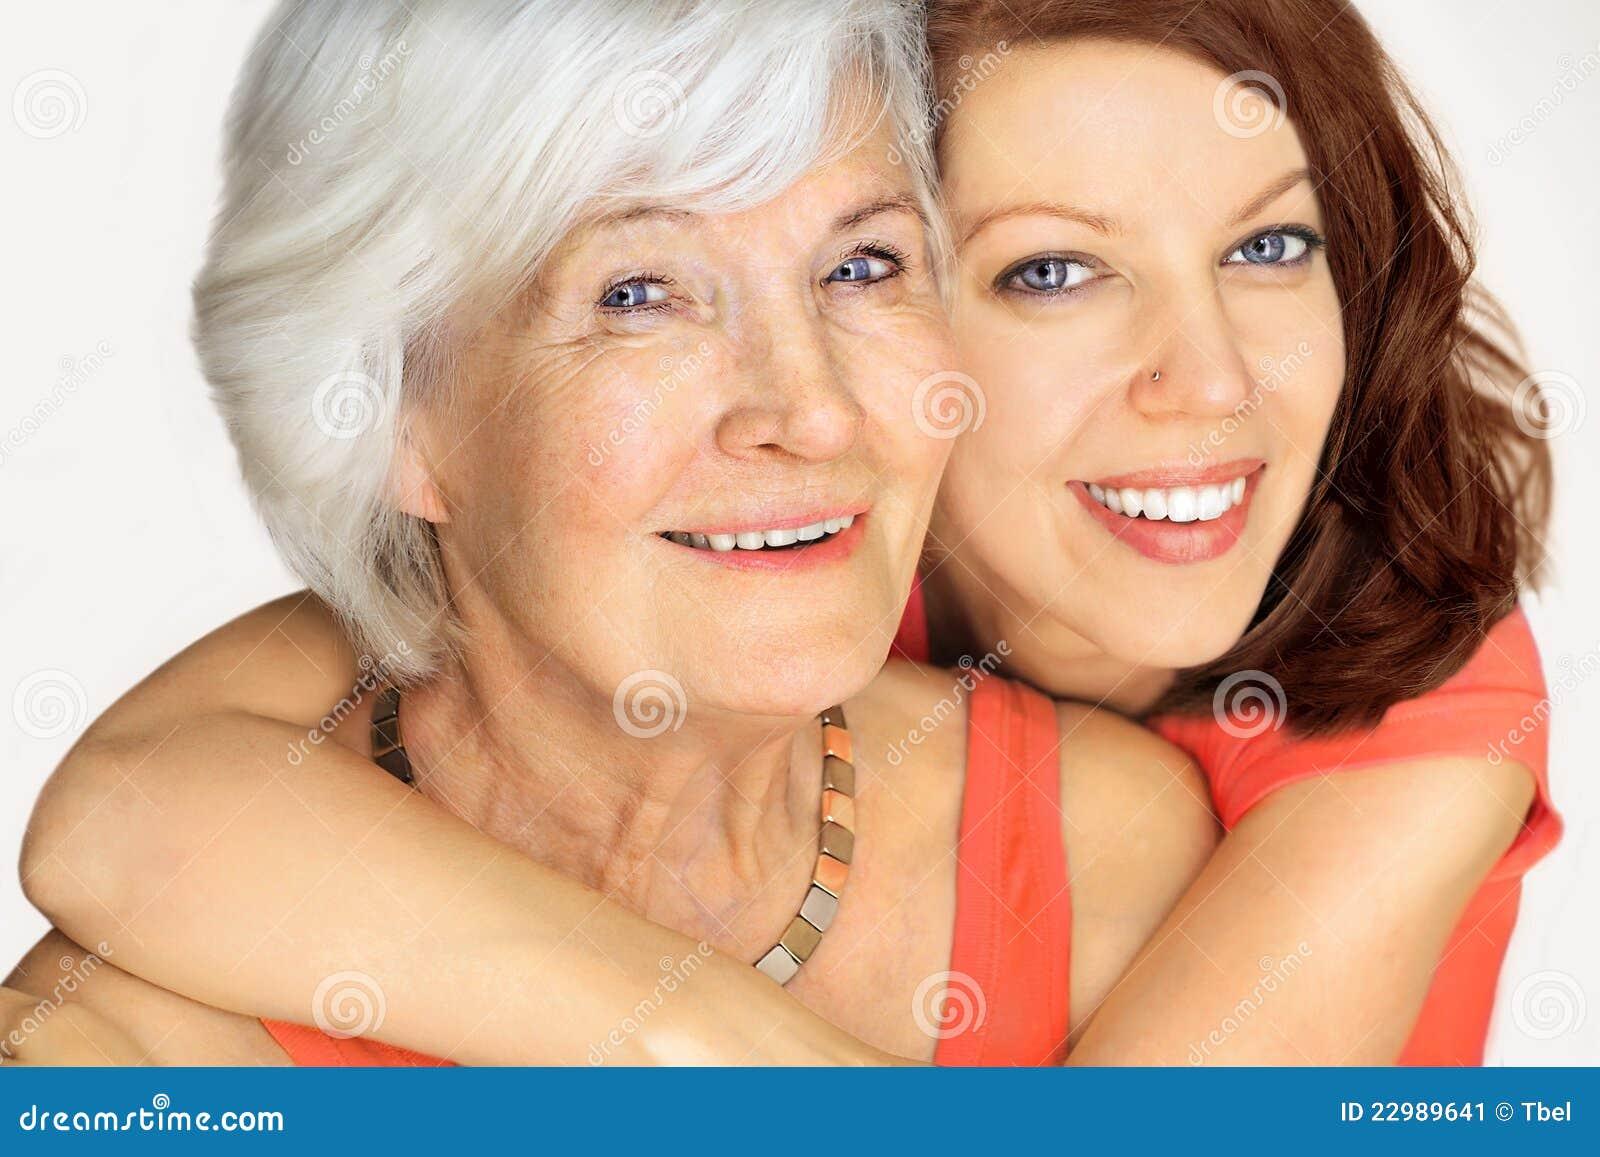 Только русский секс зрелых и старых, Русские зрелые женщины - смотреть порно видео 24 фотография